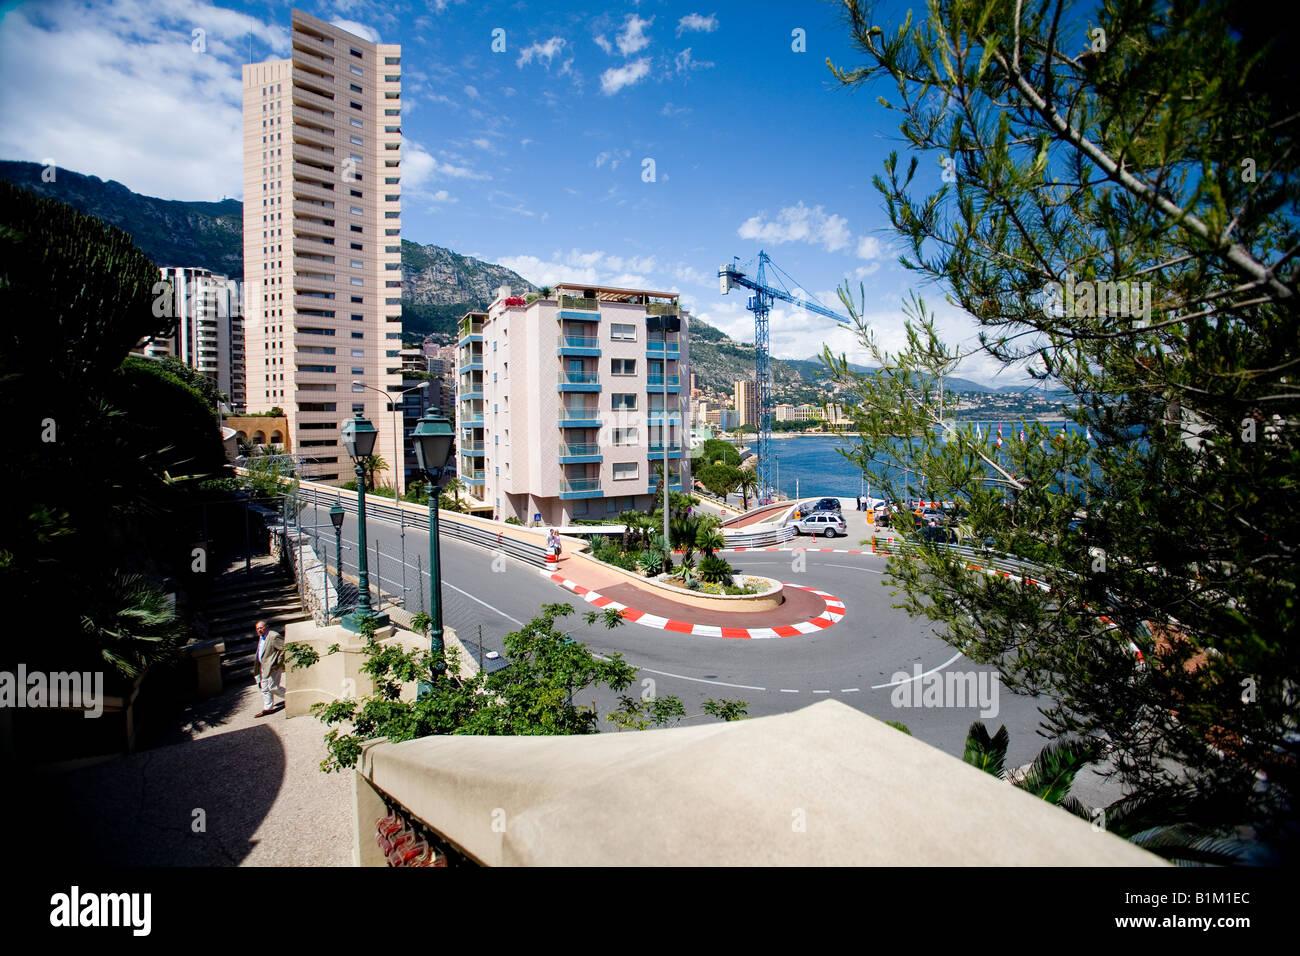 Formula 1 race track Monte Carlo Monaco Grand prix - Stock Image